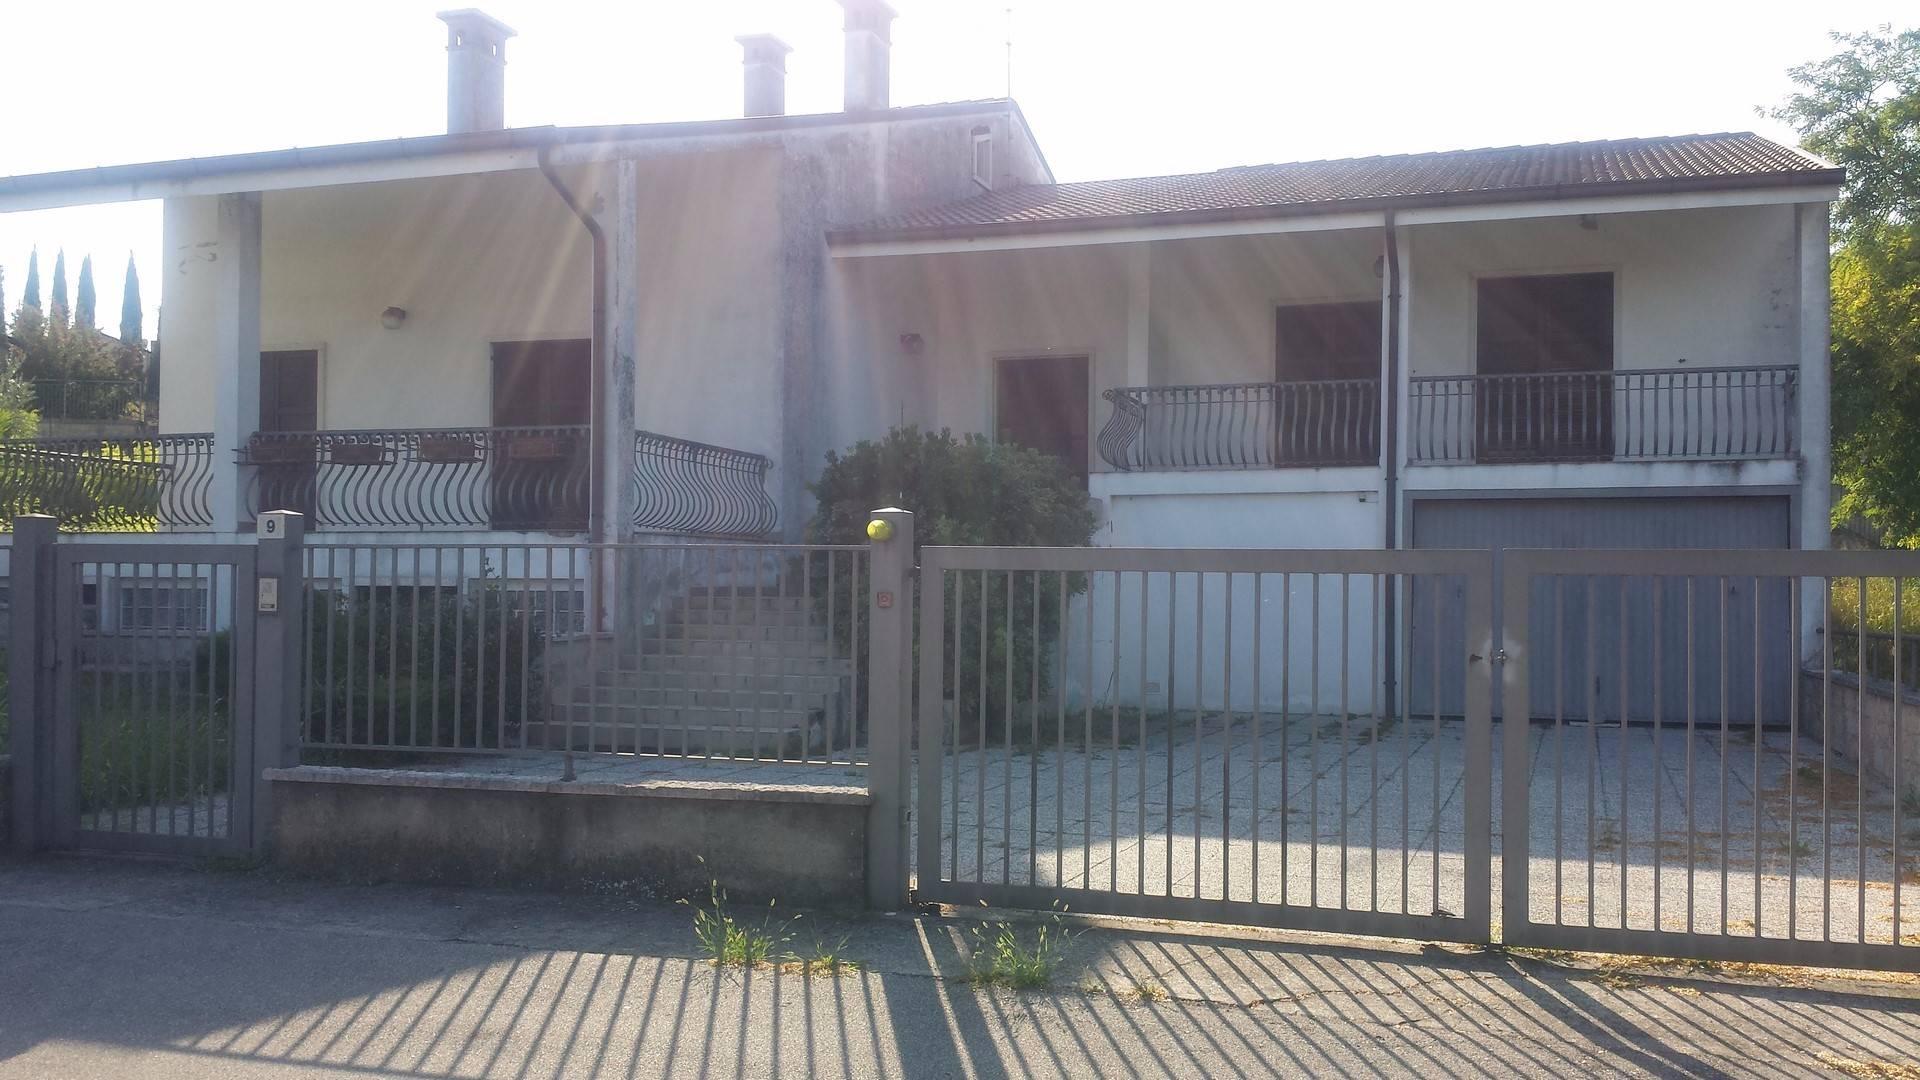 Villa in affitto a Lavagno, 7 locali, zona Zona: Vago, prezzo € 2.000 | CambioCasa.it